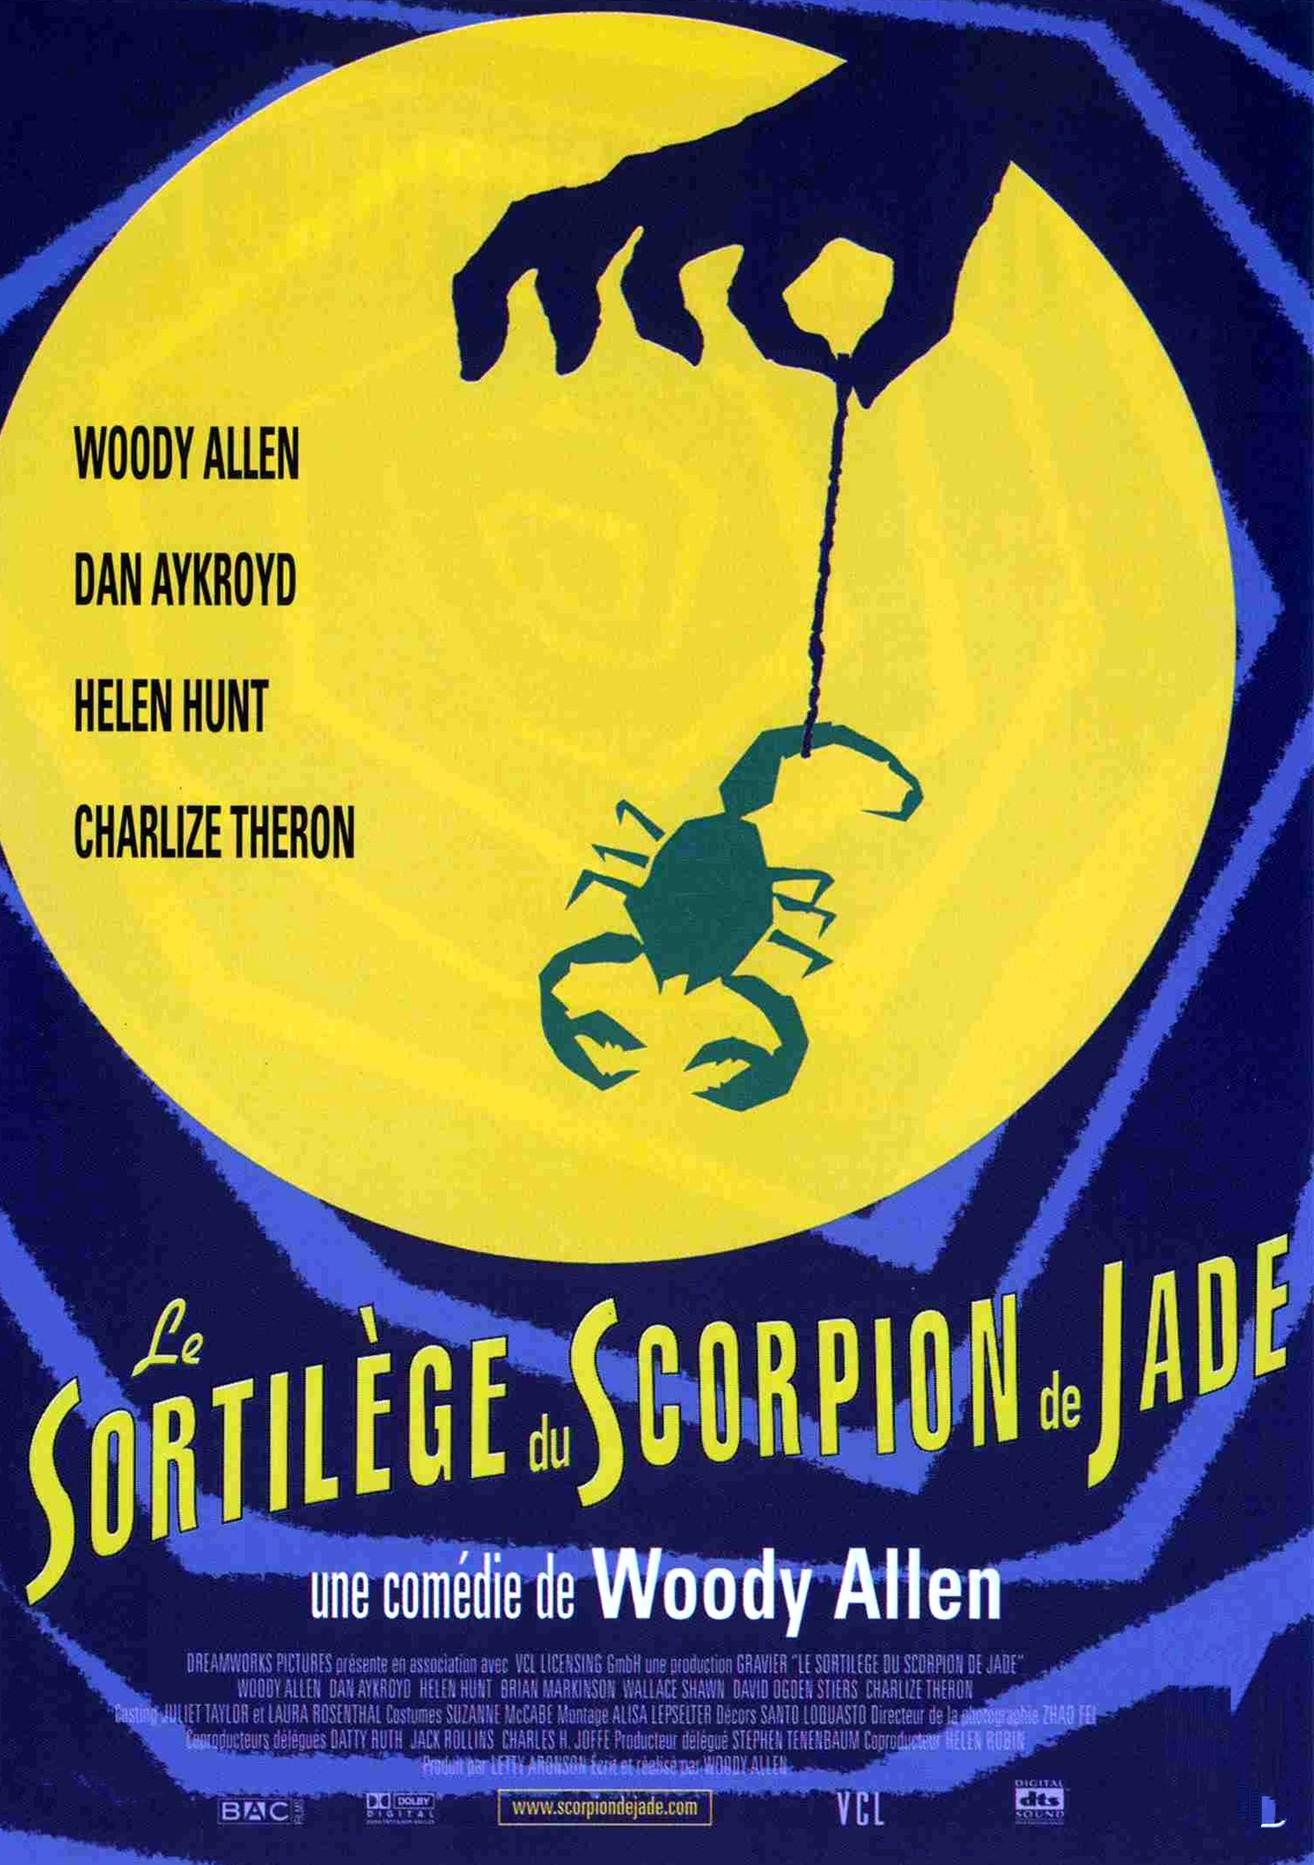 affiche du film Le sortilège du scorpion de Jade